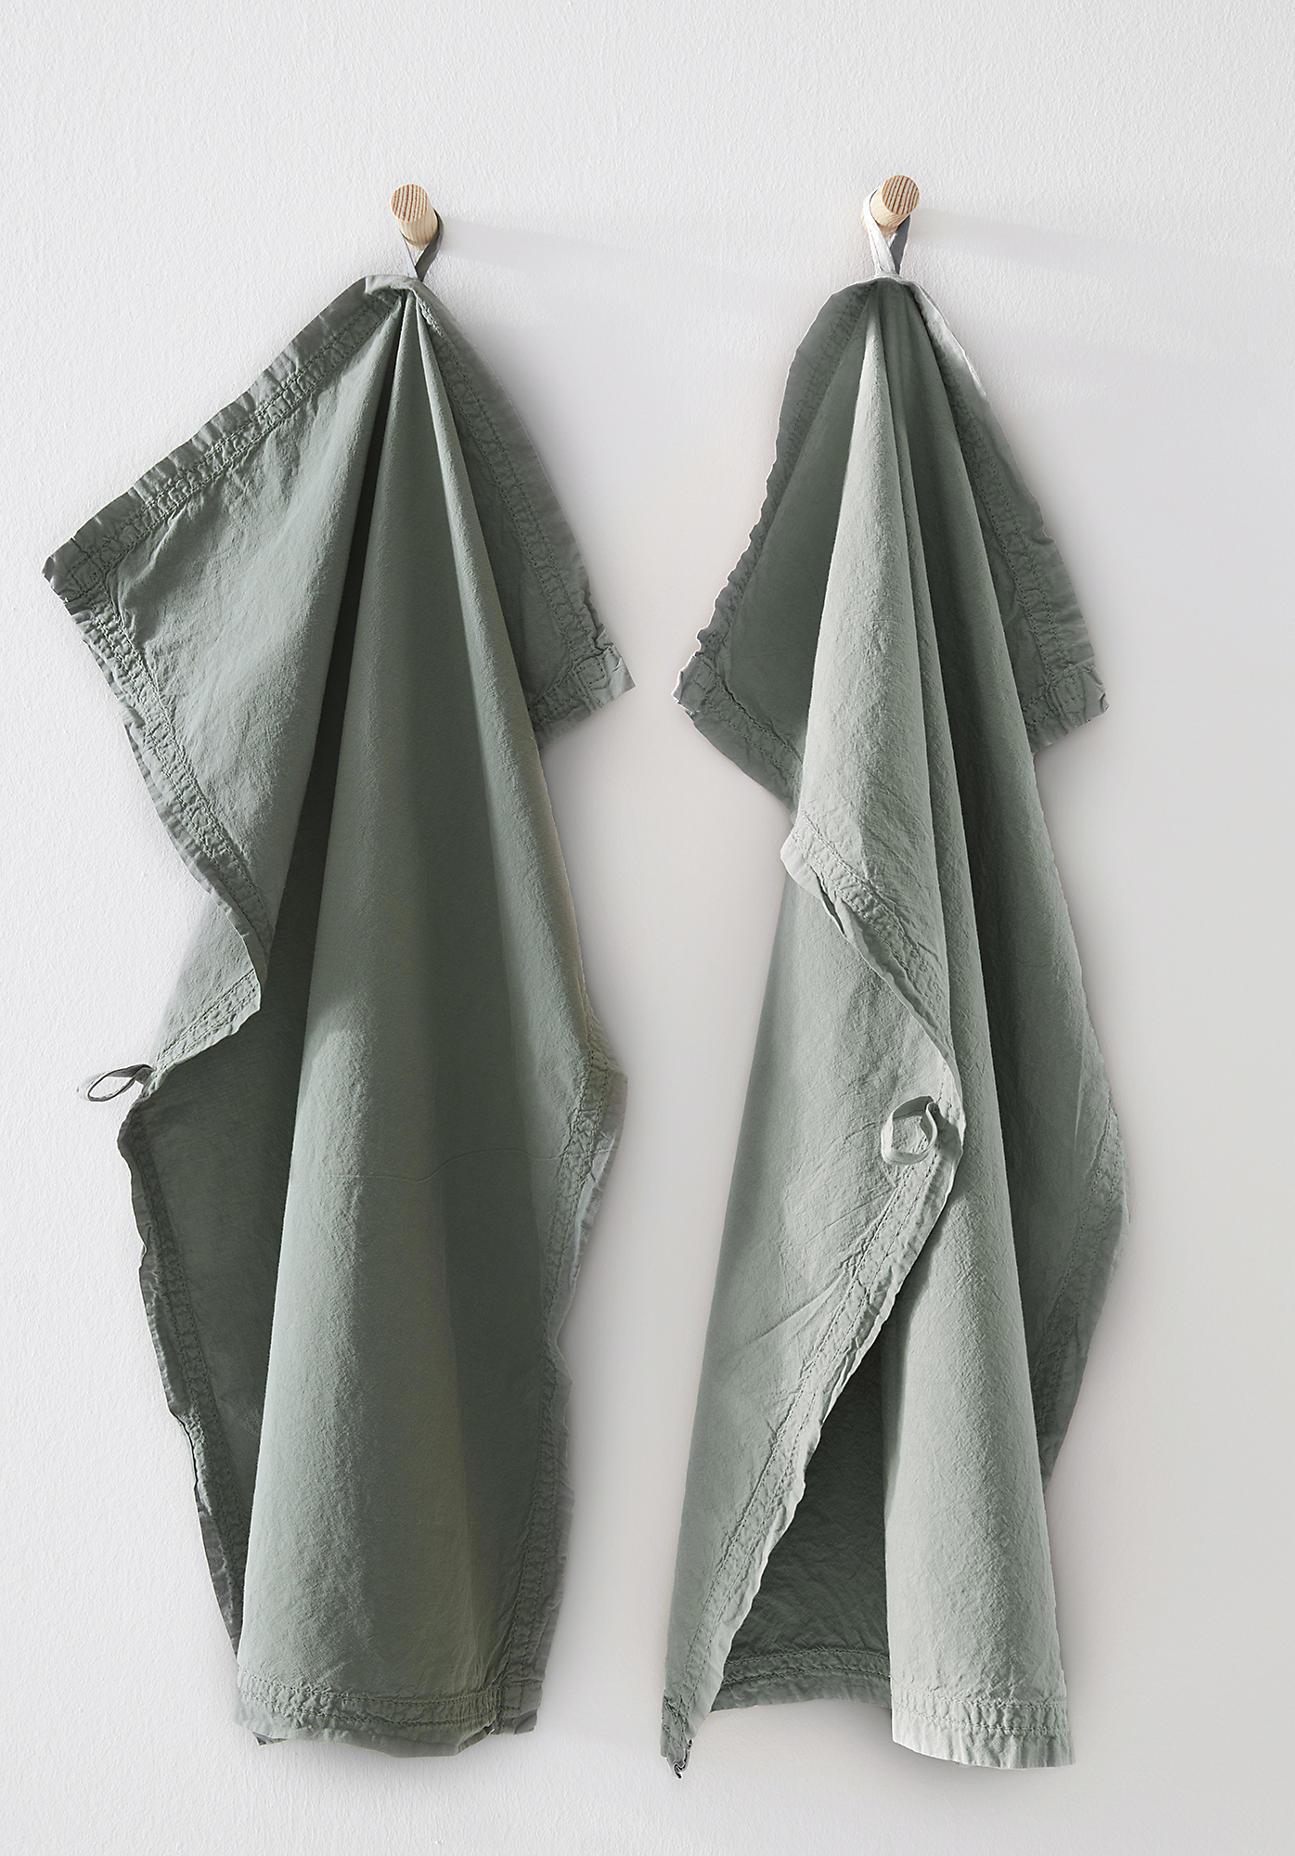 hessnatur Perkal-Geschirrtuch aus Bio-Baumwolle im 2er Set – grün – Größe 70x50 cm